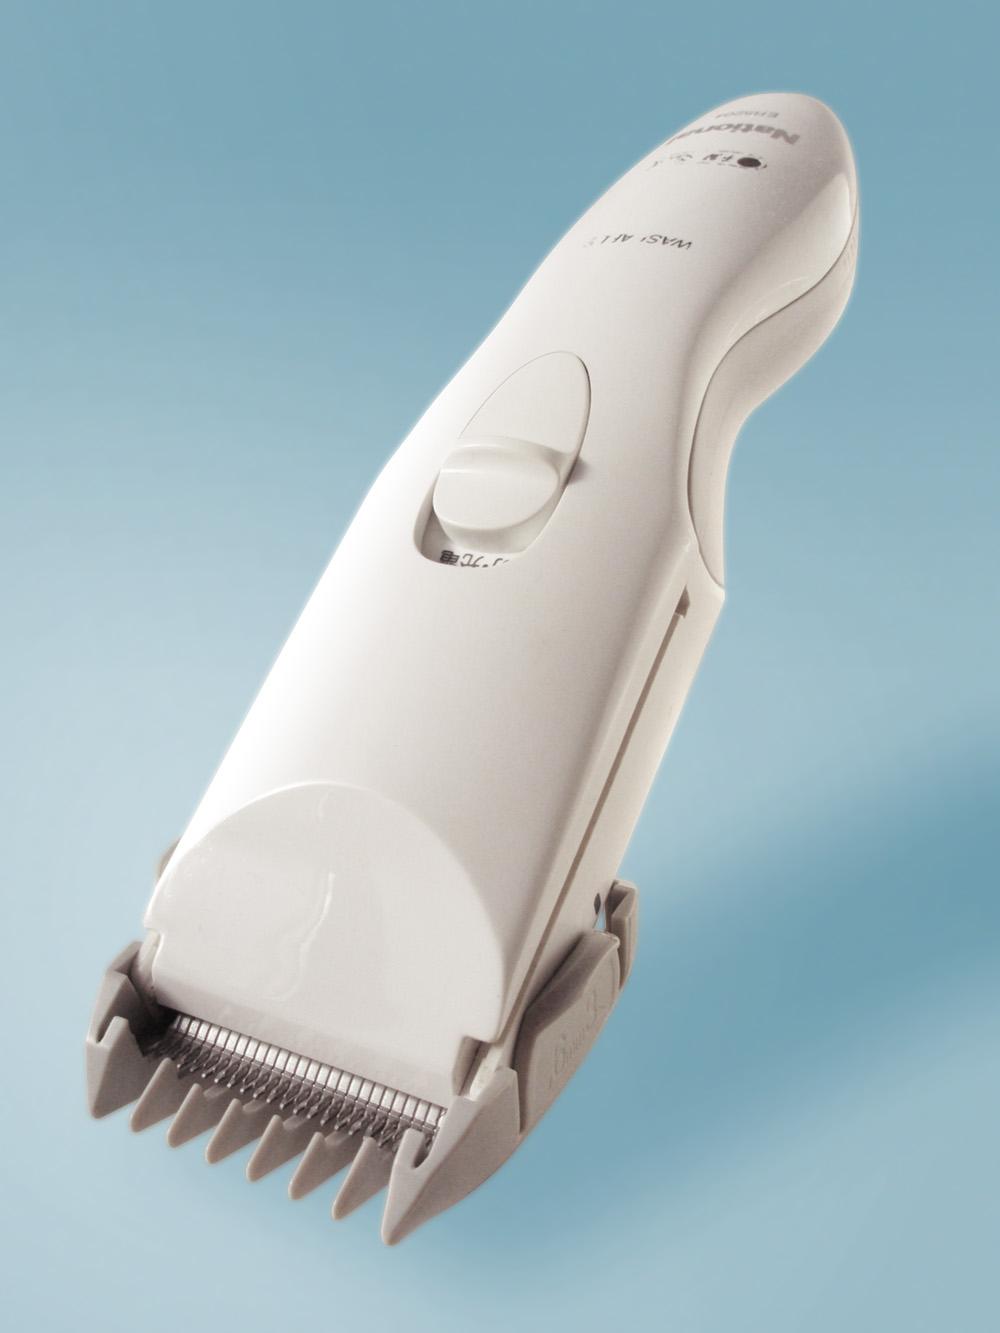 Electric Hair Clipper Market in 360marketupdates.com